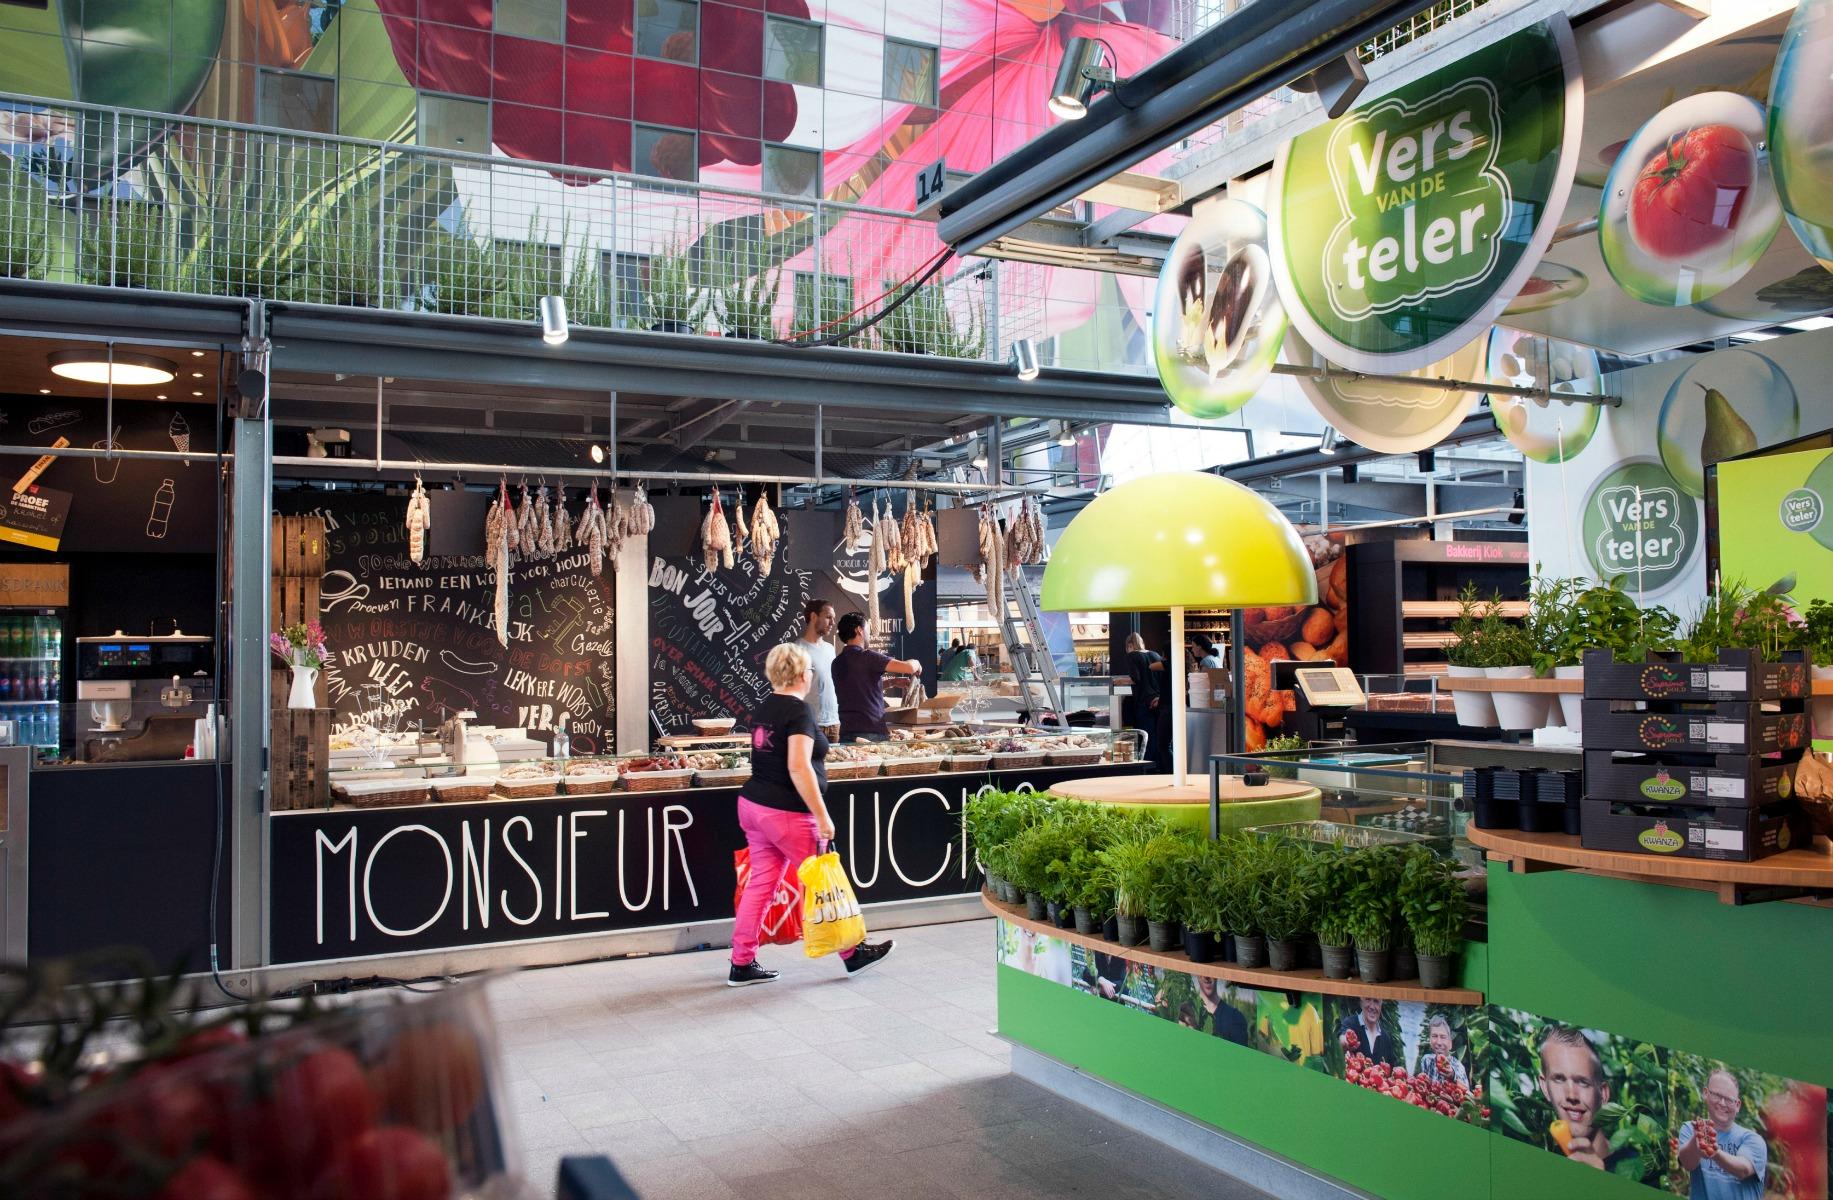 Street food market i Rotterdam. Vi glæder os til at se den odenseanske version. (Foto: All Over)